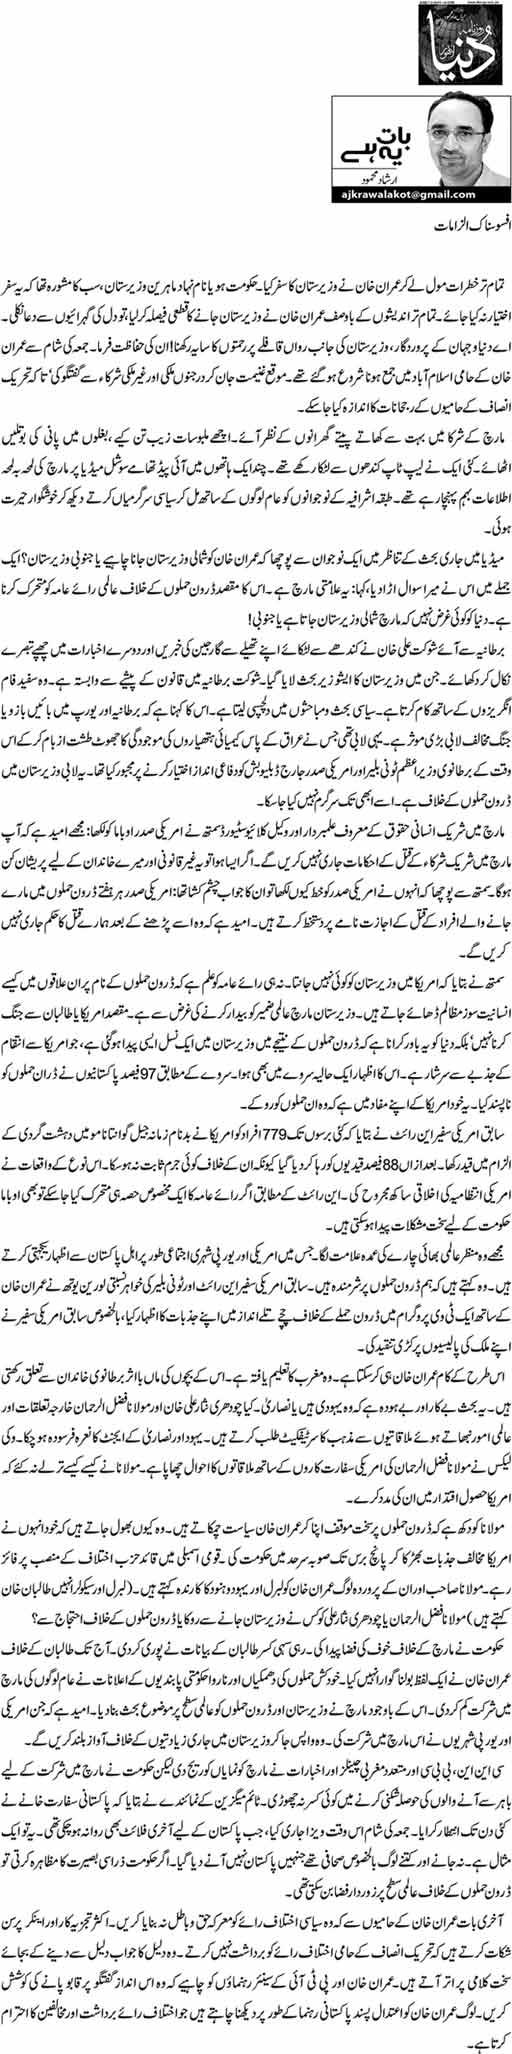 Afsosnaak ilzamat - Irshad Mehmood